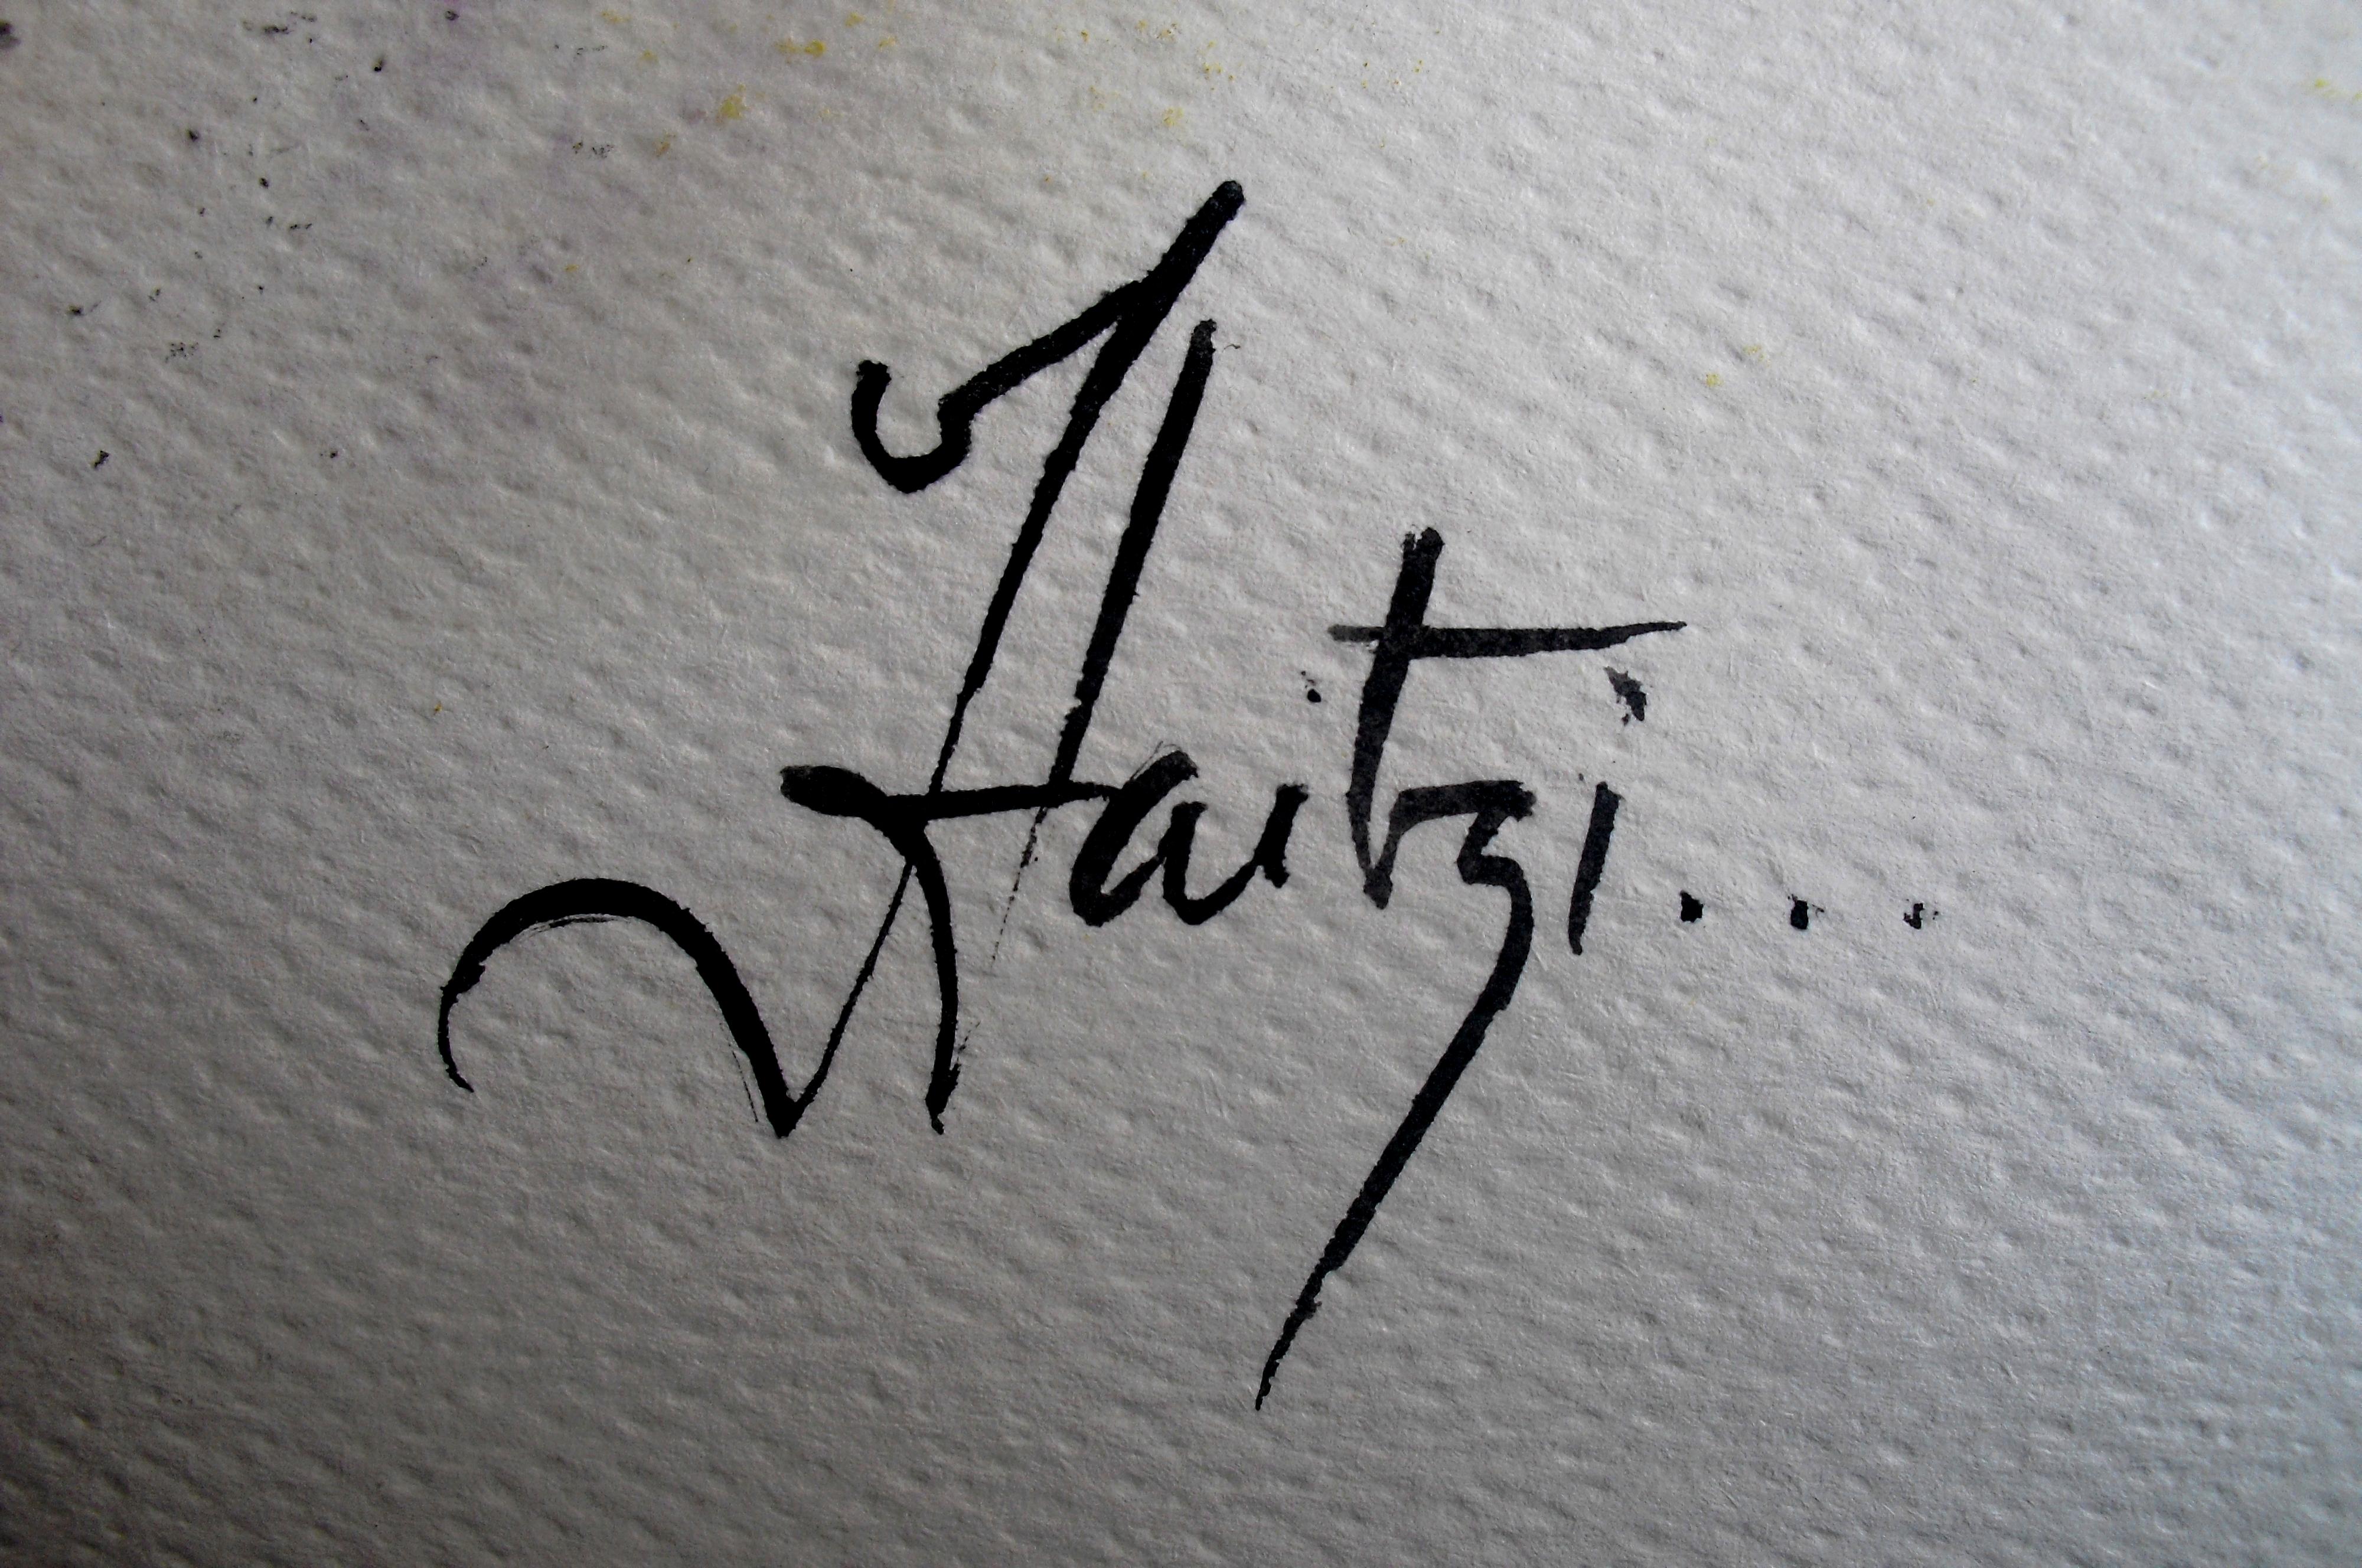 Aitziane Hacene Signature